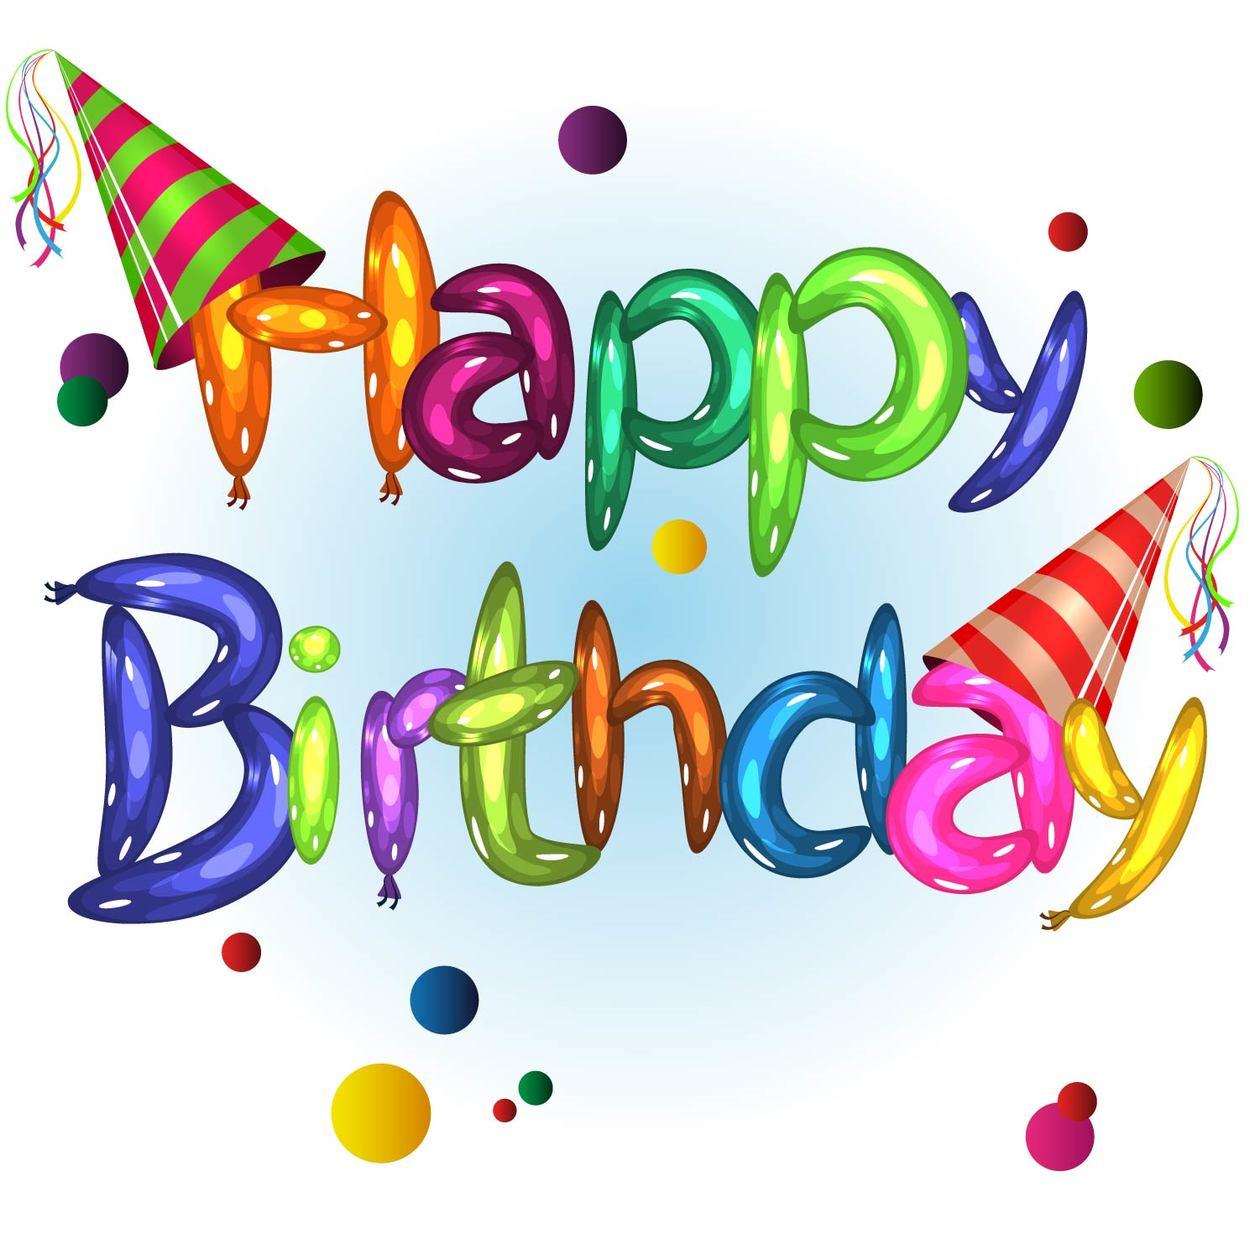 Happy Birthday Photoshop brush